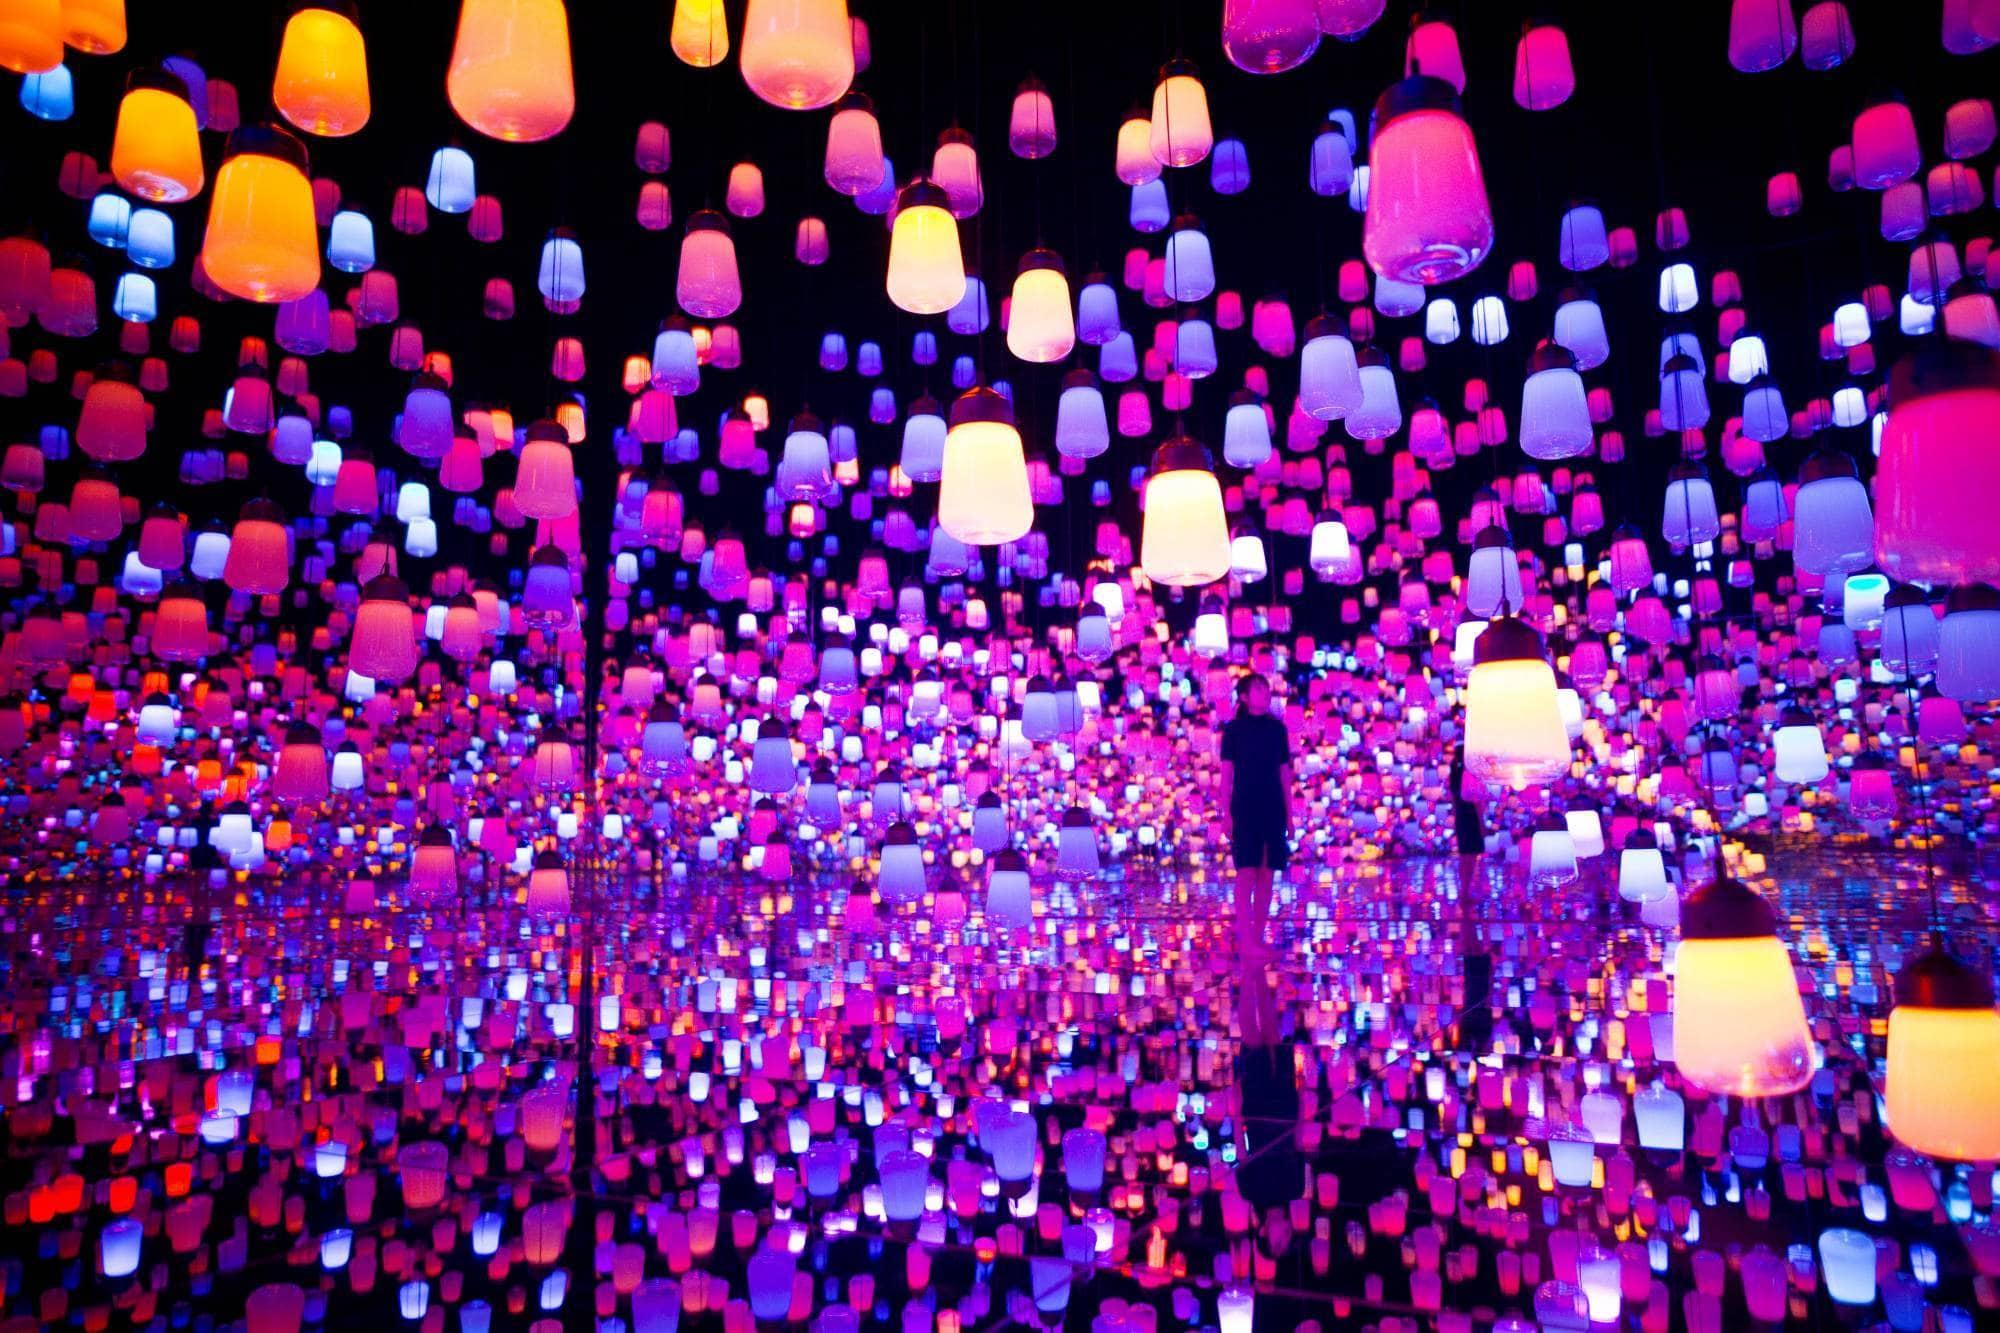 名古屋市科学館「チームラボ★学ぶ!未来の遊園地」で楽しむ、新感覚アート体験! - teamlab3